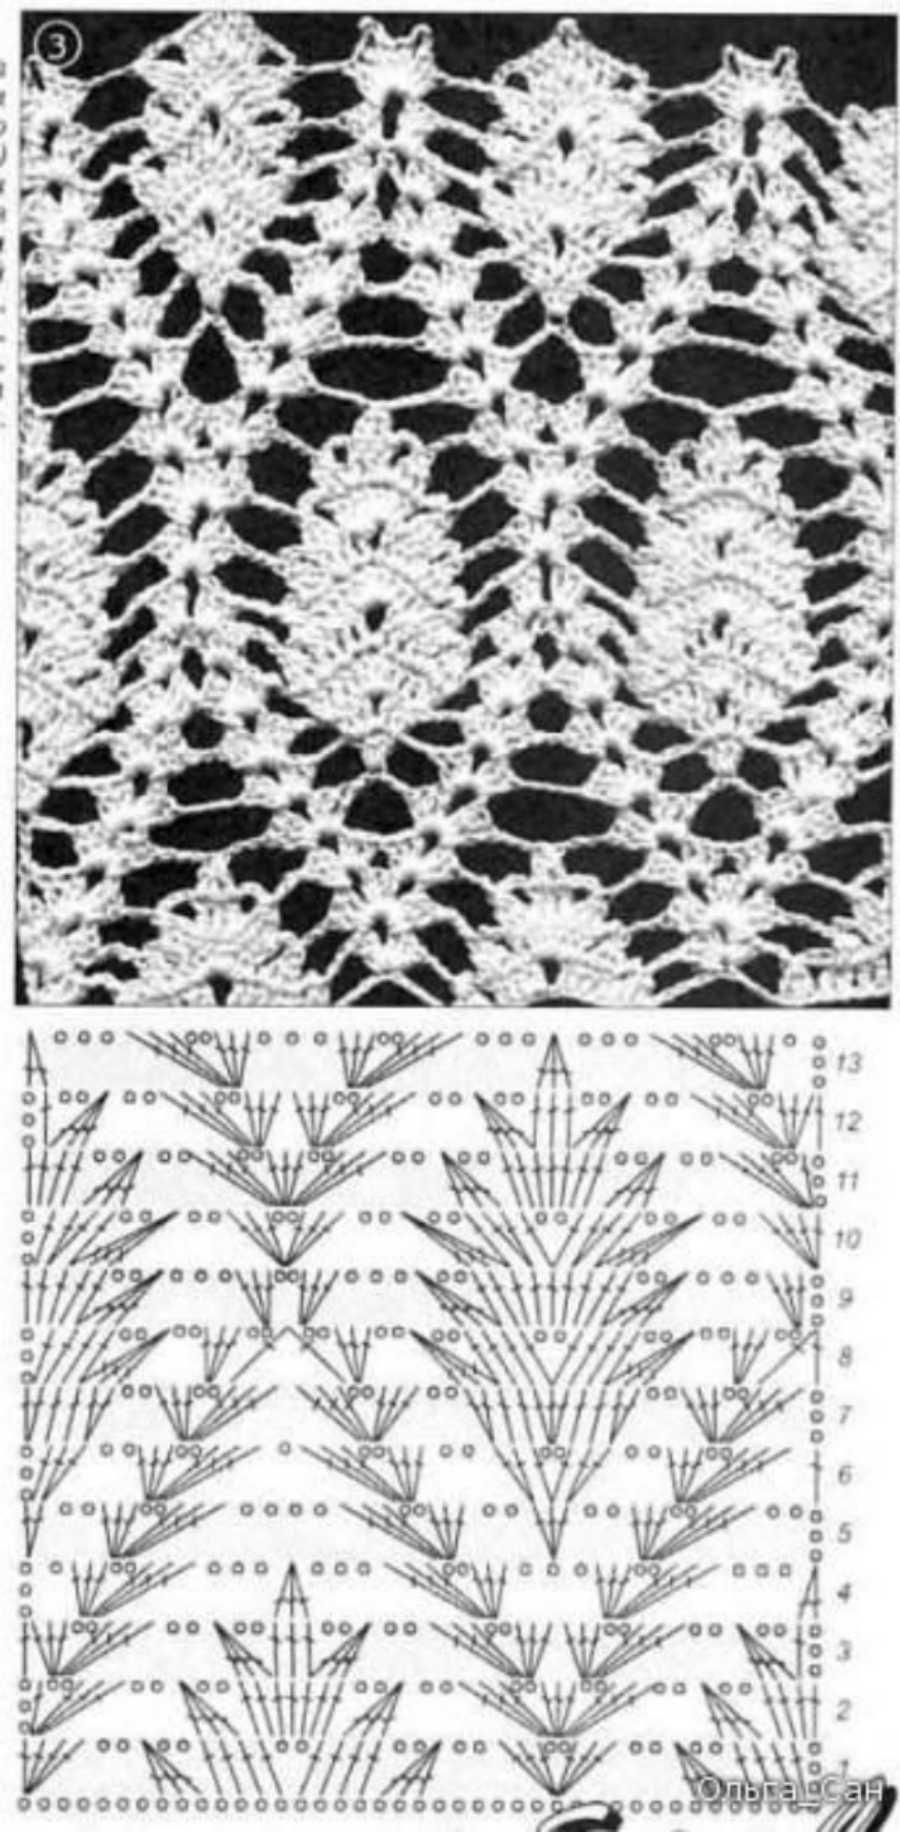 Gráfico de ponto abacaxi em crochê